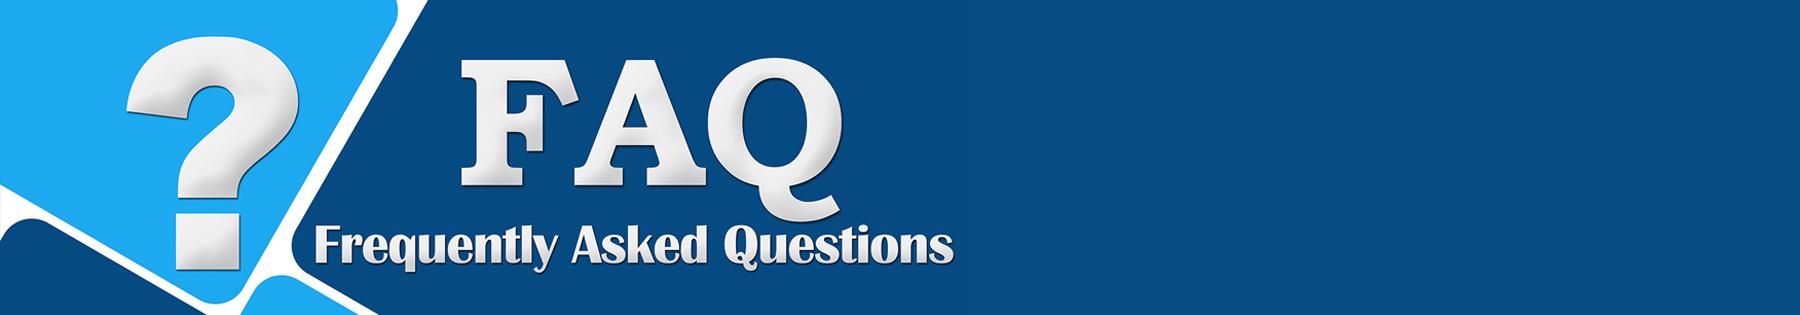 FAQ header banner